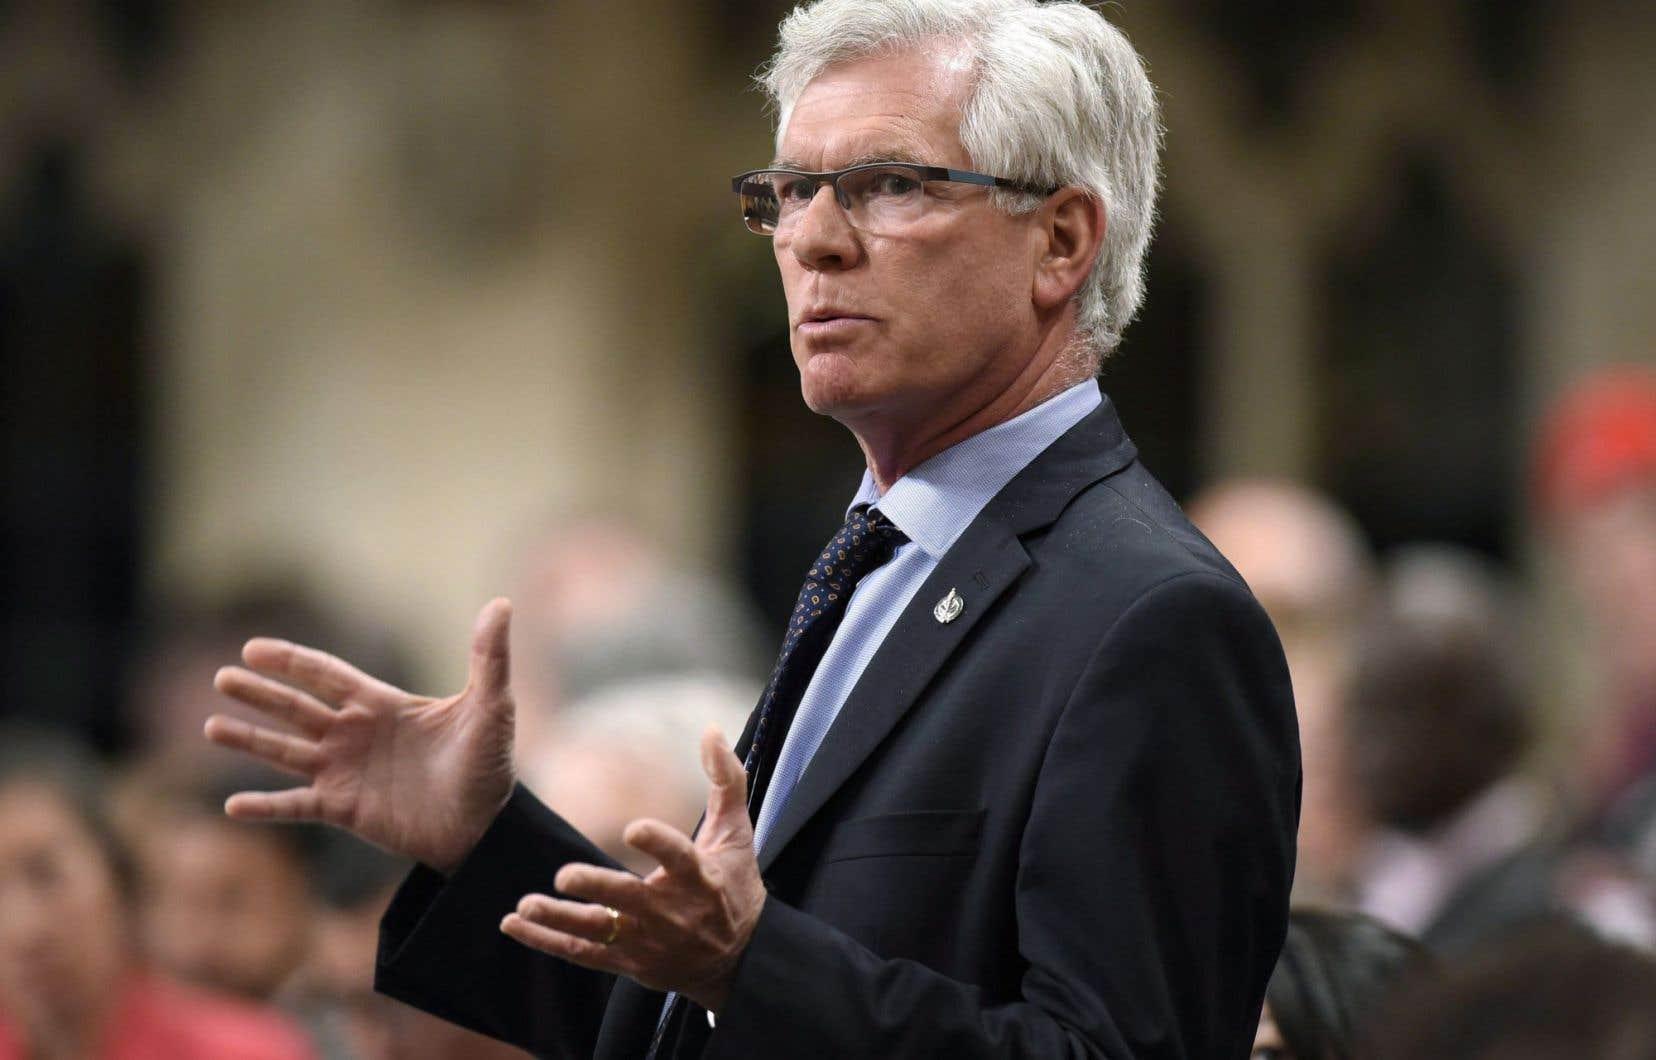 Le ministre Jim Carr a rappelé, jeudi, que son gouvernement est en train de moderniser l'ONE afin de «rétablir la confiance du public envers l'organisme».